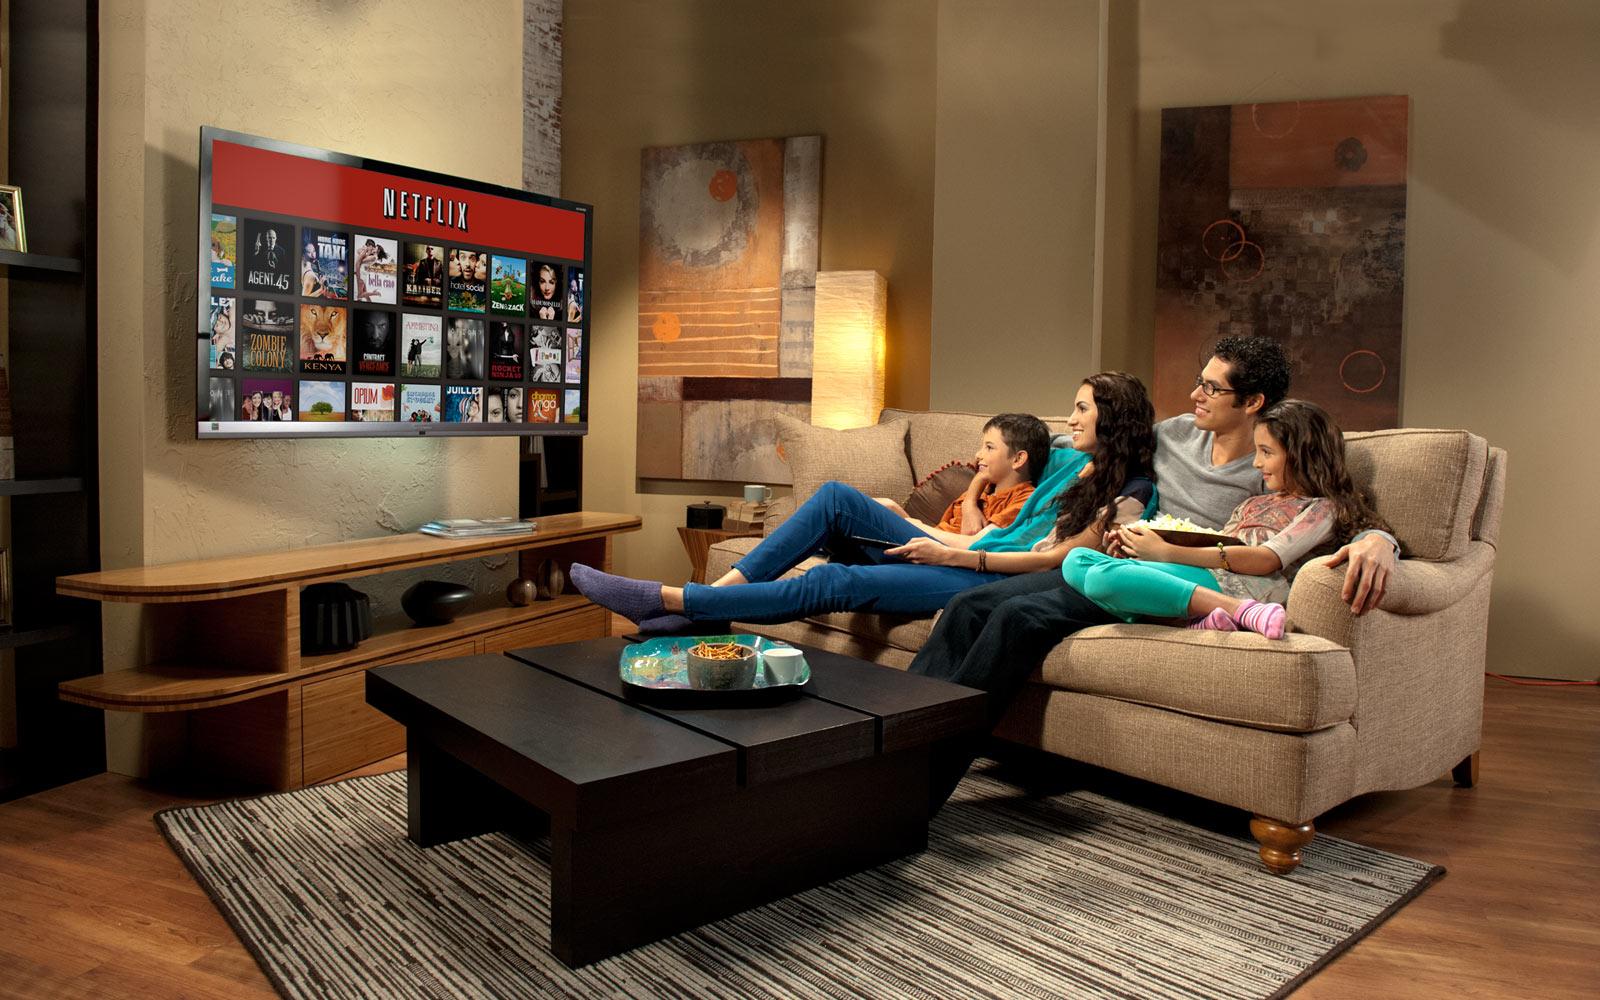 Assistir filmes sem ter que sair de casa com a Netflix